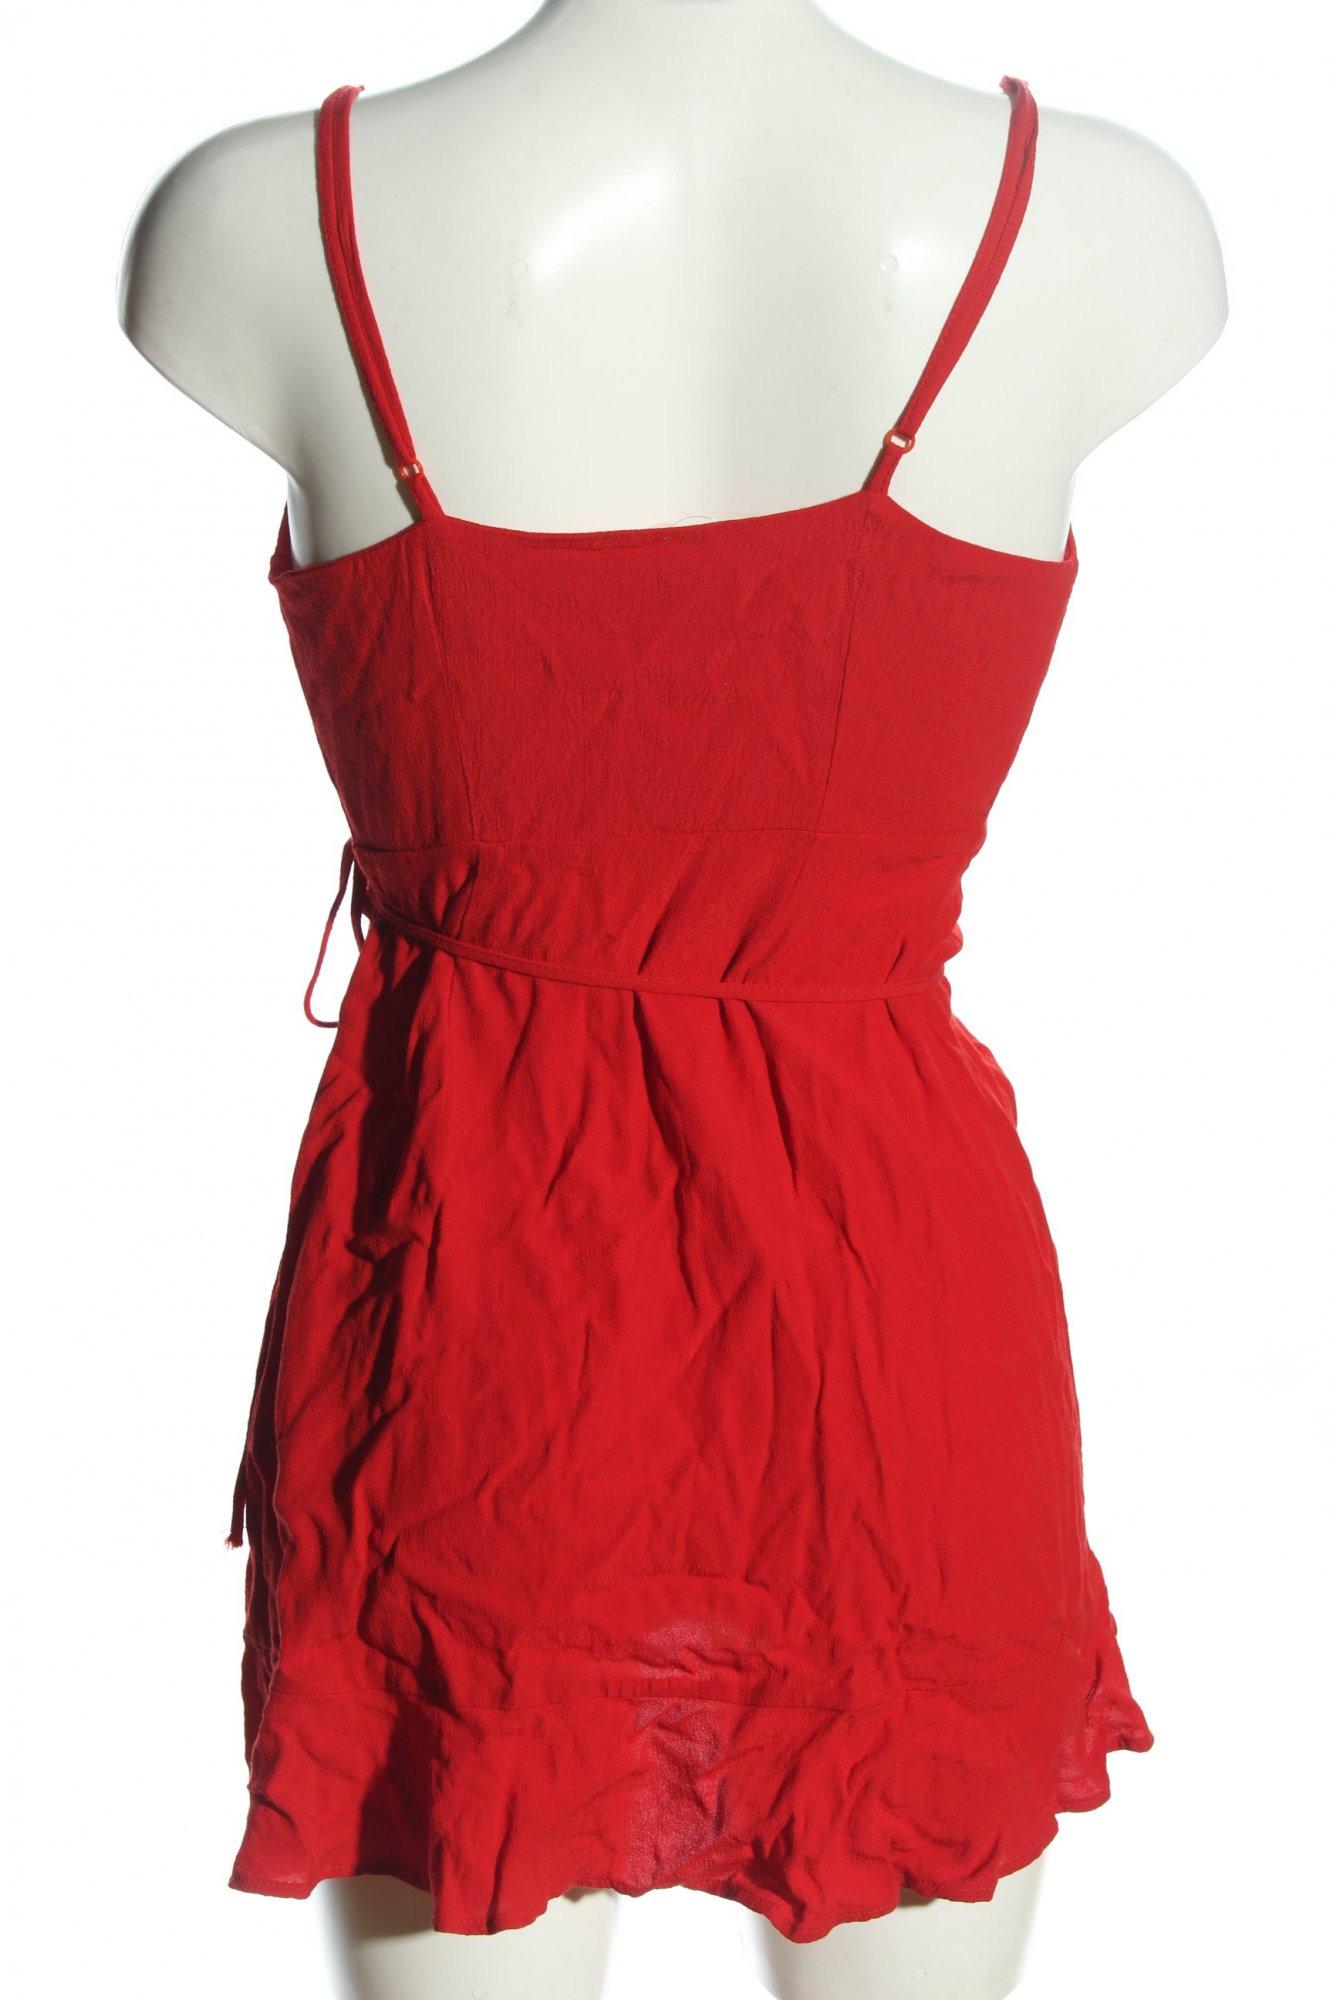 Bershka Wickelkleid Rot Casuallook Damen Gr De 36 Kleid